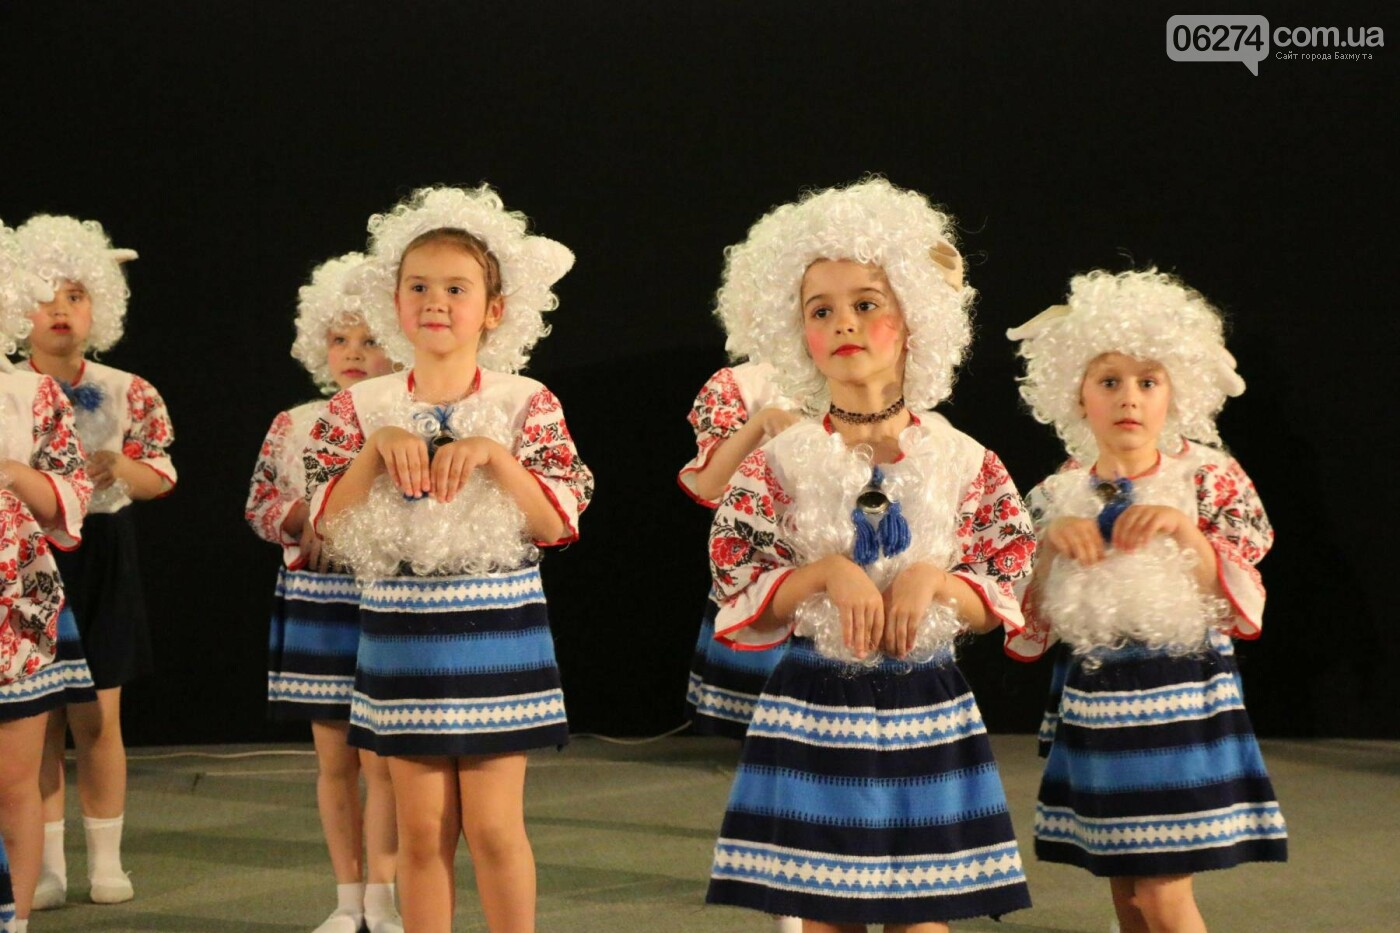 В Бахмуте прошел отчетный концерт образцового ансамбля танца «Непоседы» (ФОТОРЕПОРТАЖ), фото-37